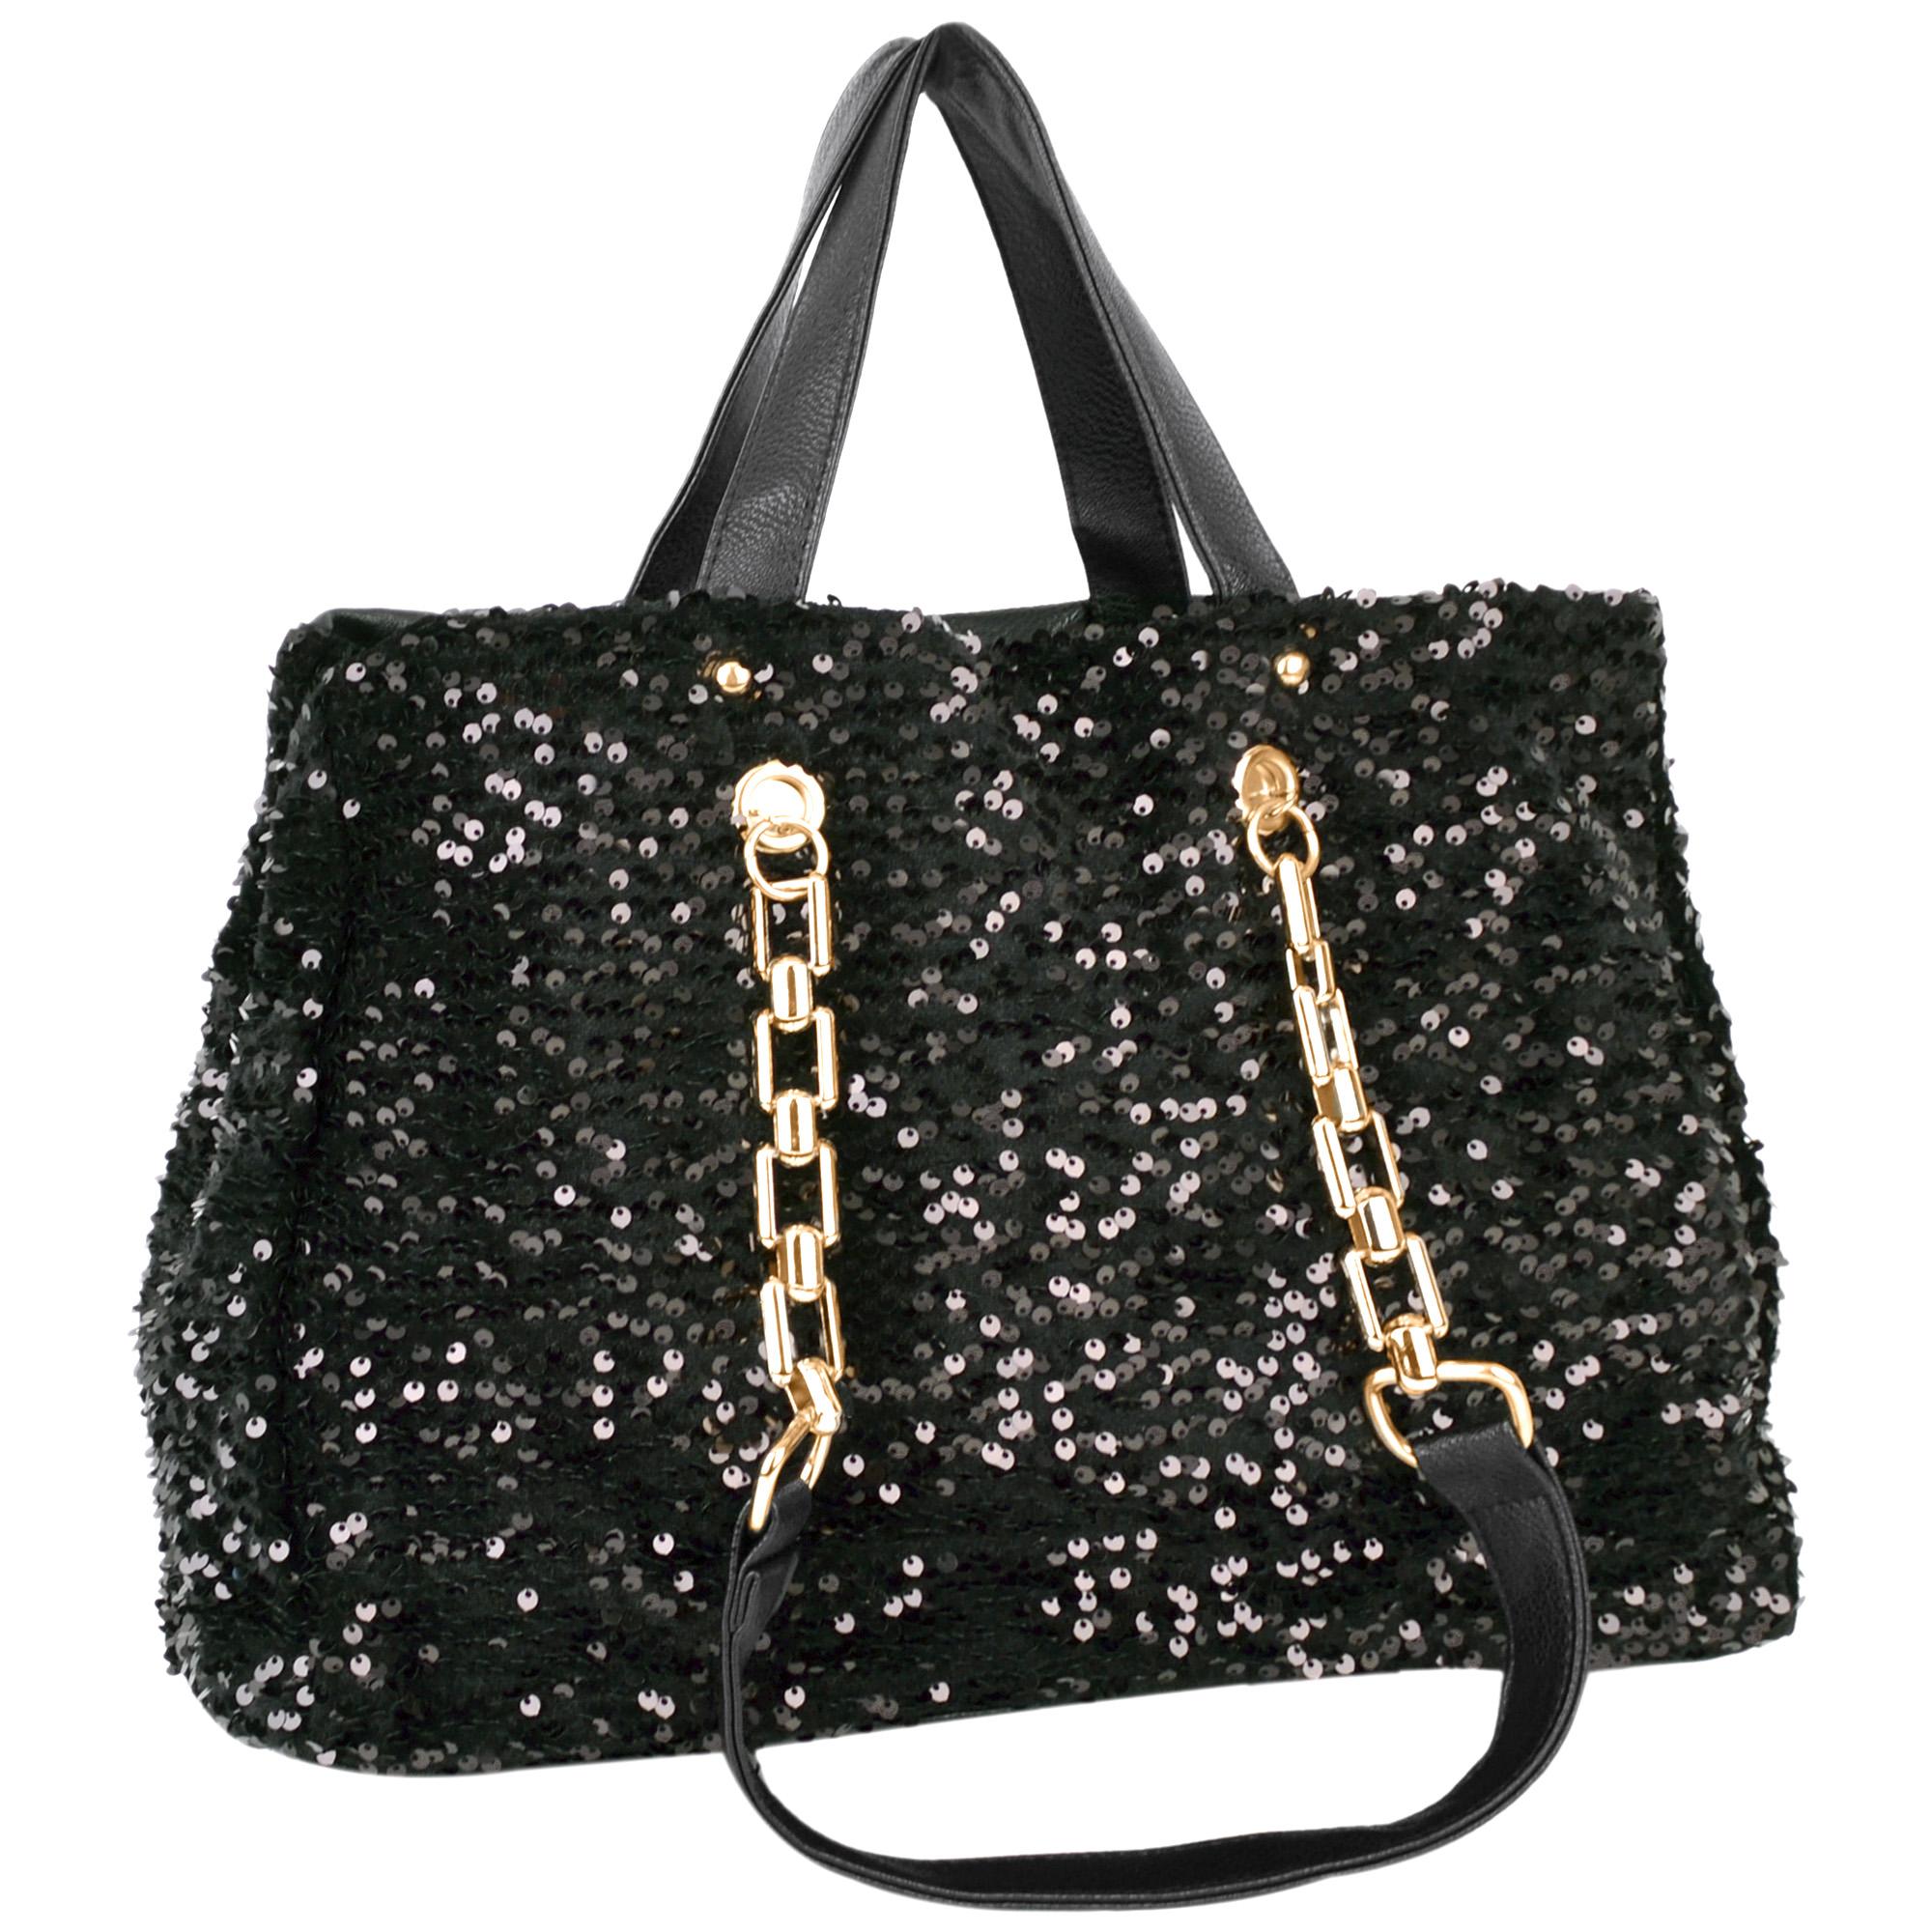 Noelia black sequined handbag main image